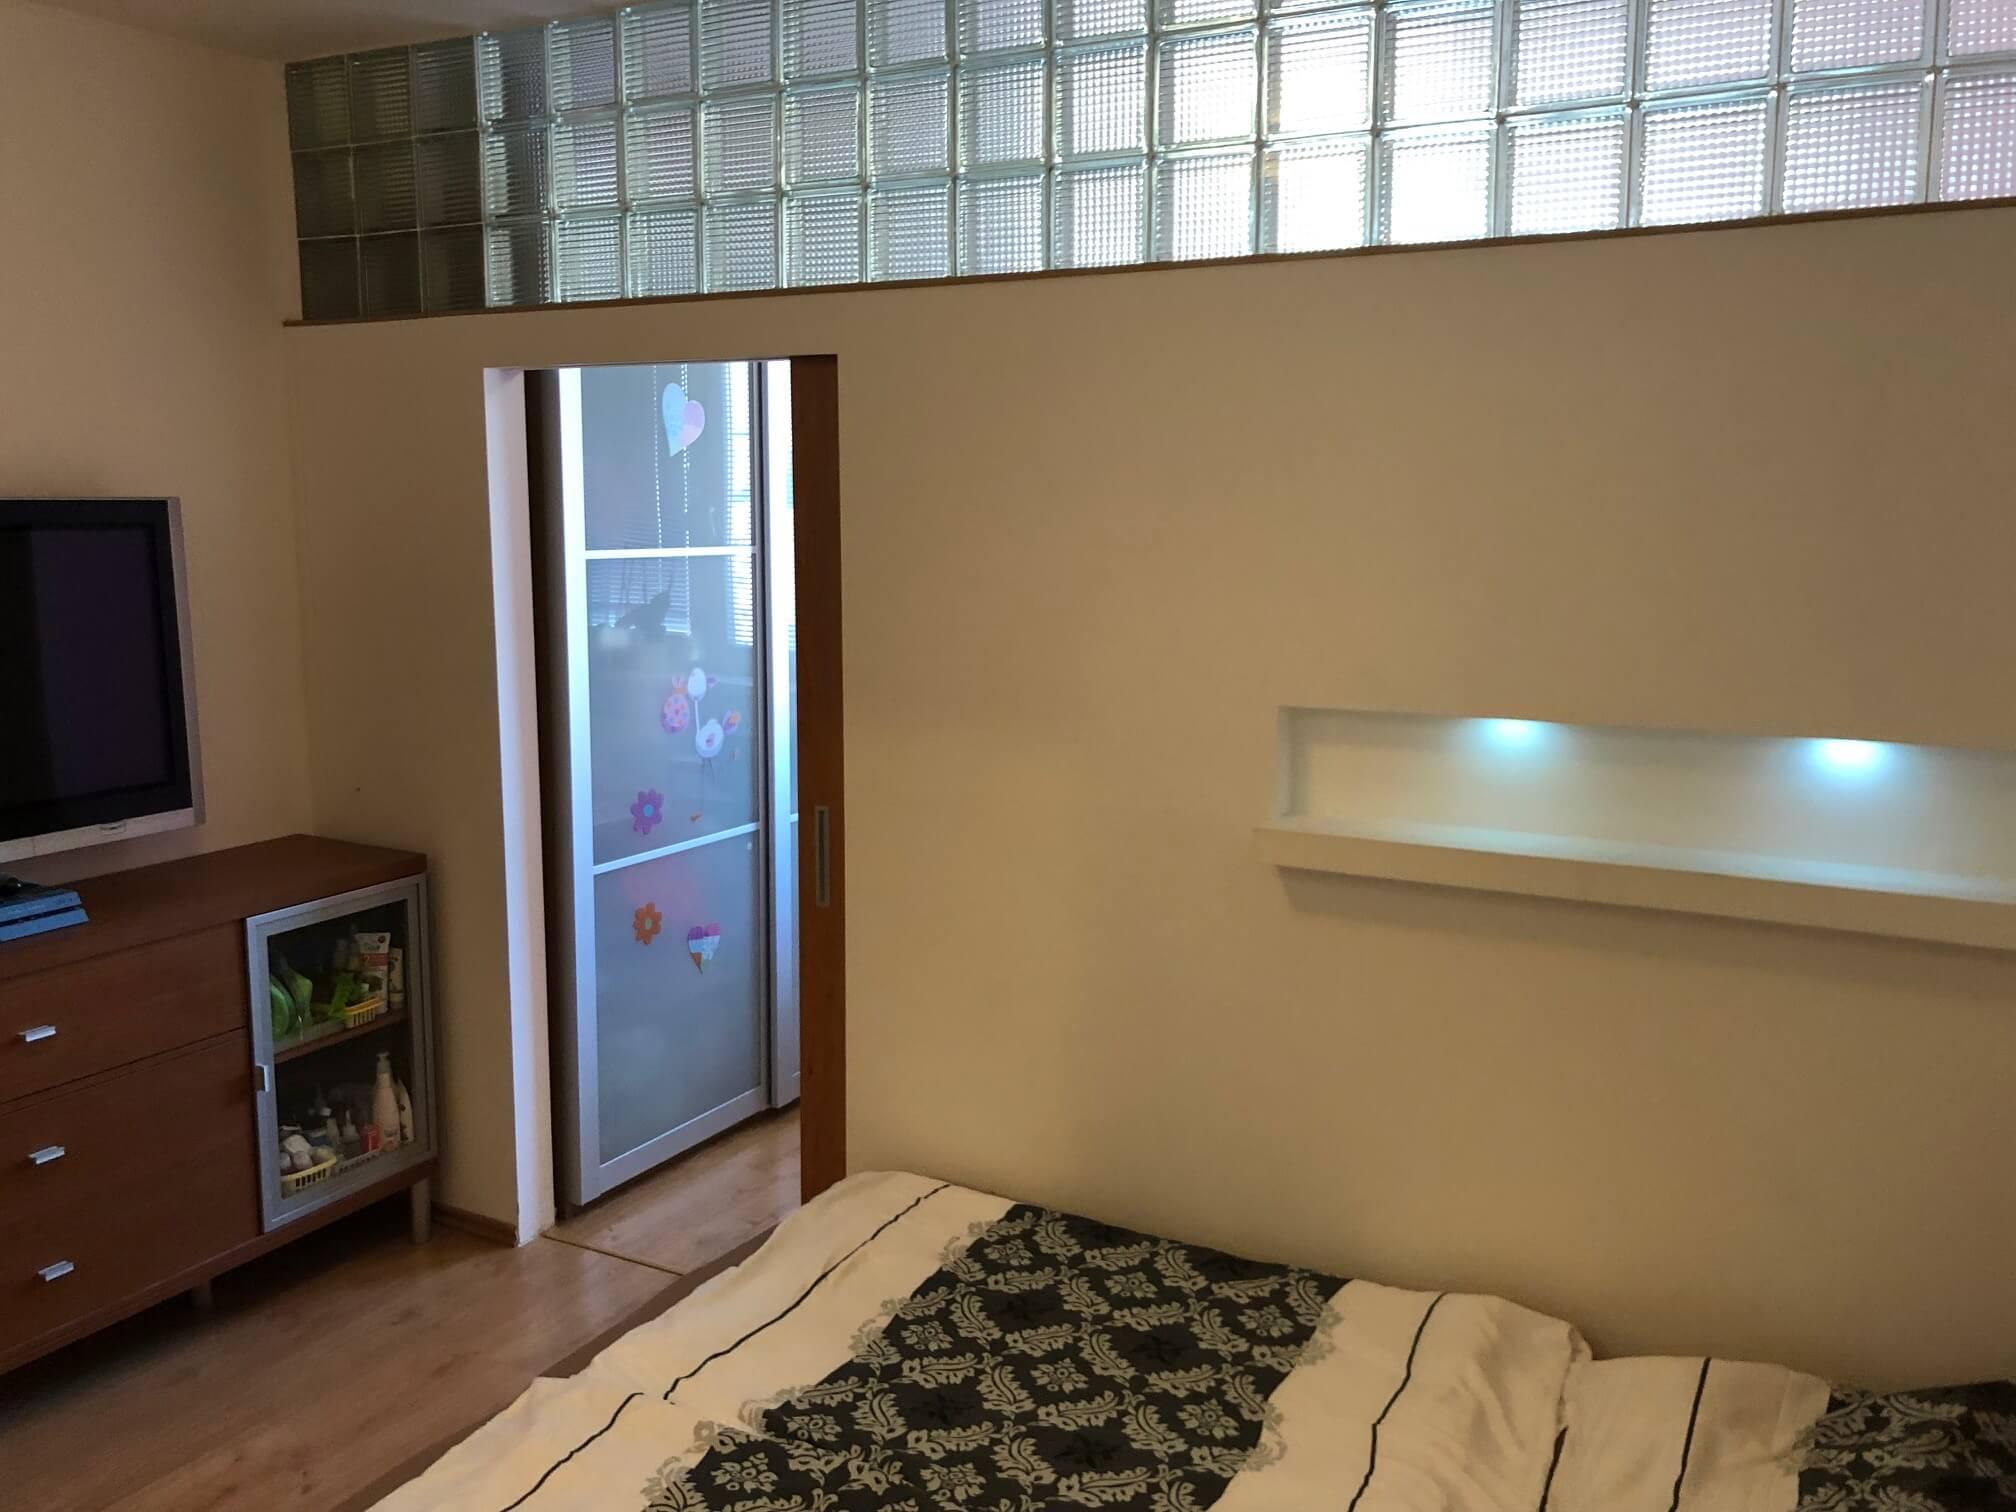 Predané: Exkluzívne na predaj 3 izb. byt, 72 m2, balkón 8 m2, parkovacie státie, Bratislava, Petržalka, Budatínska-33